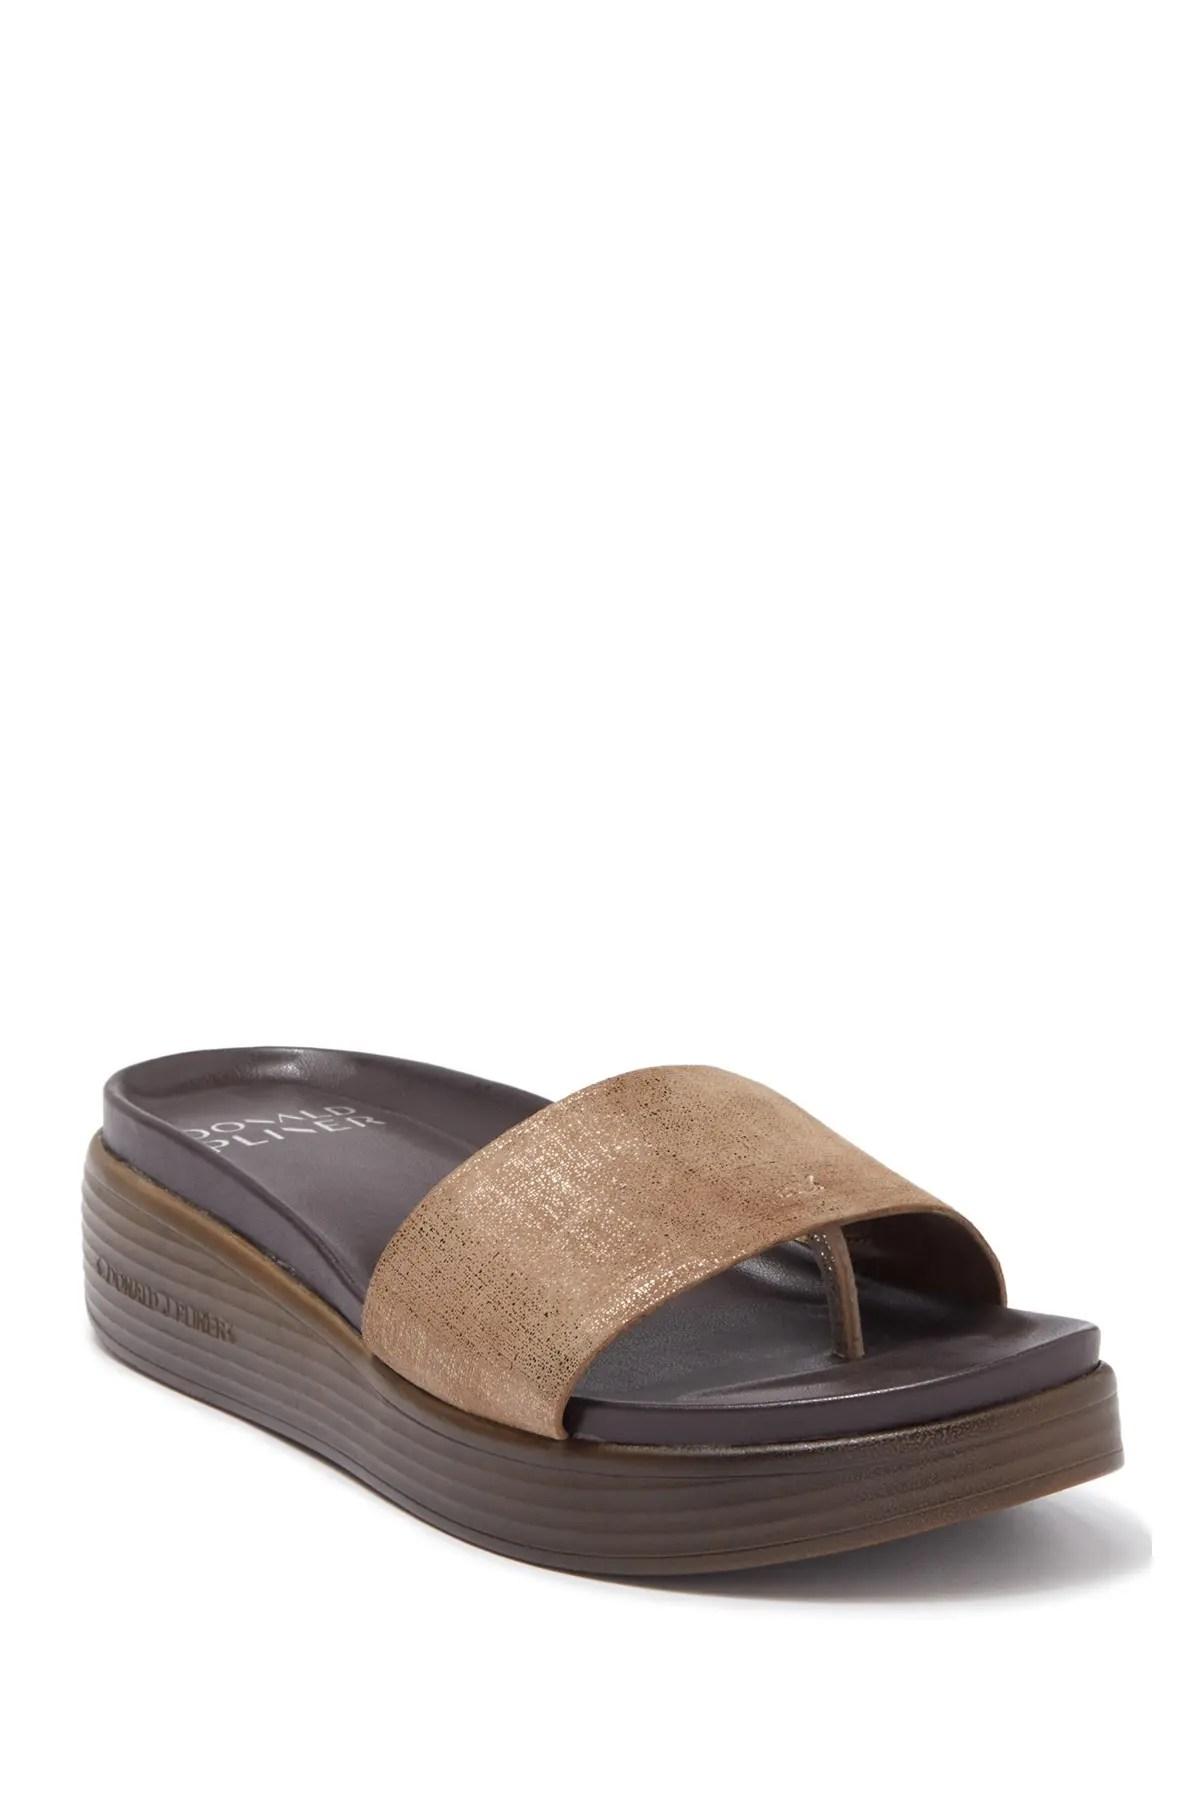 fiji suede slide sandal